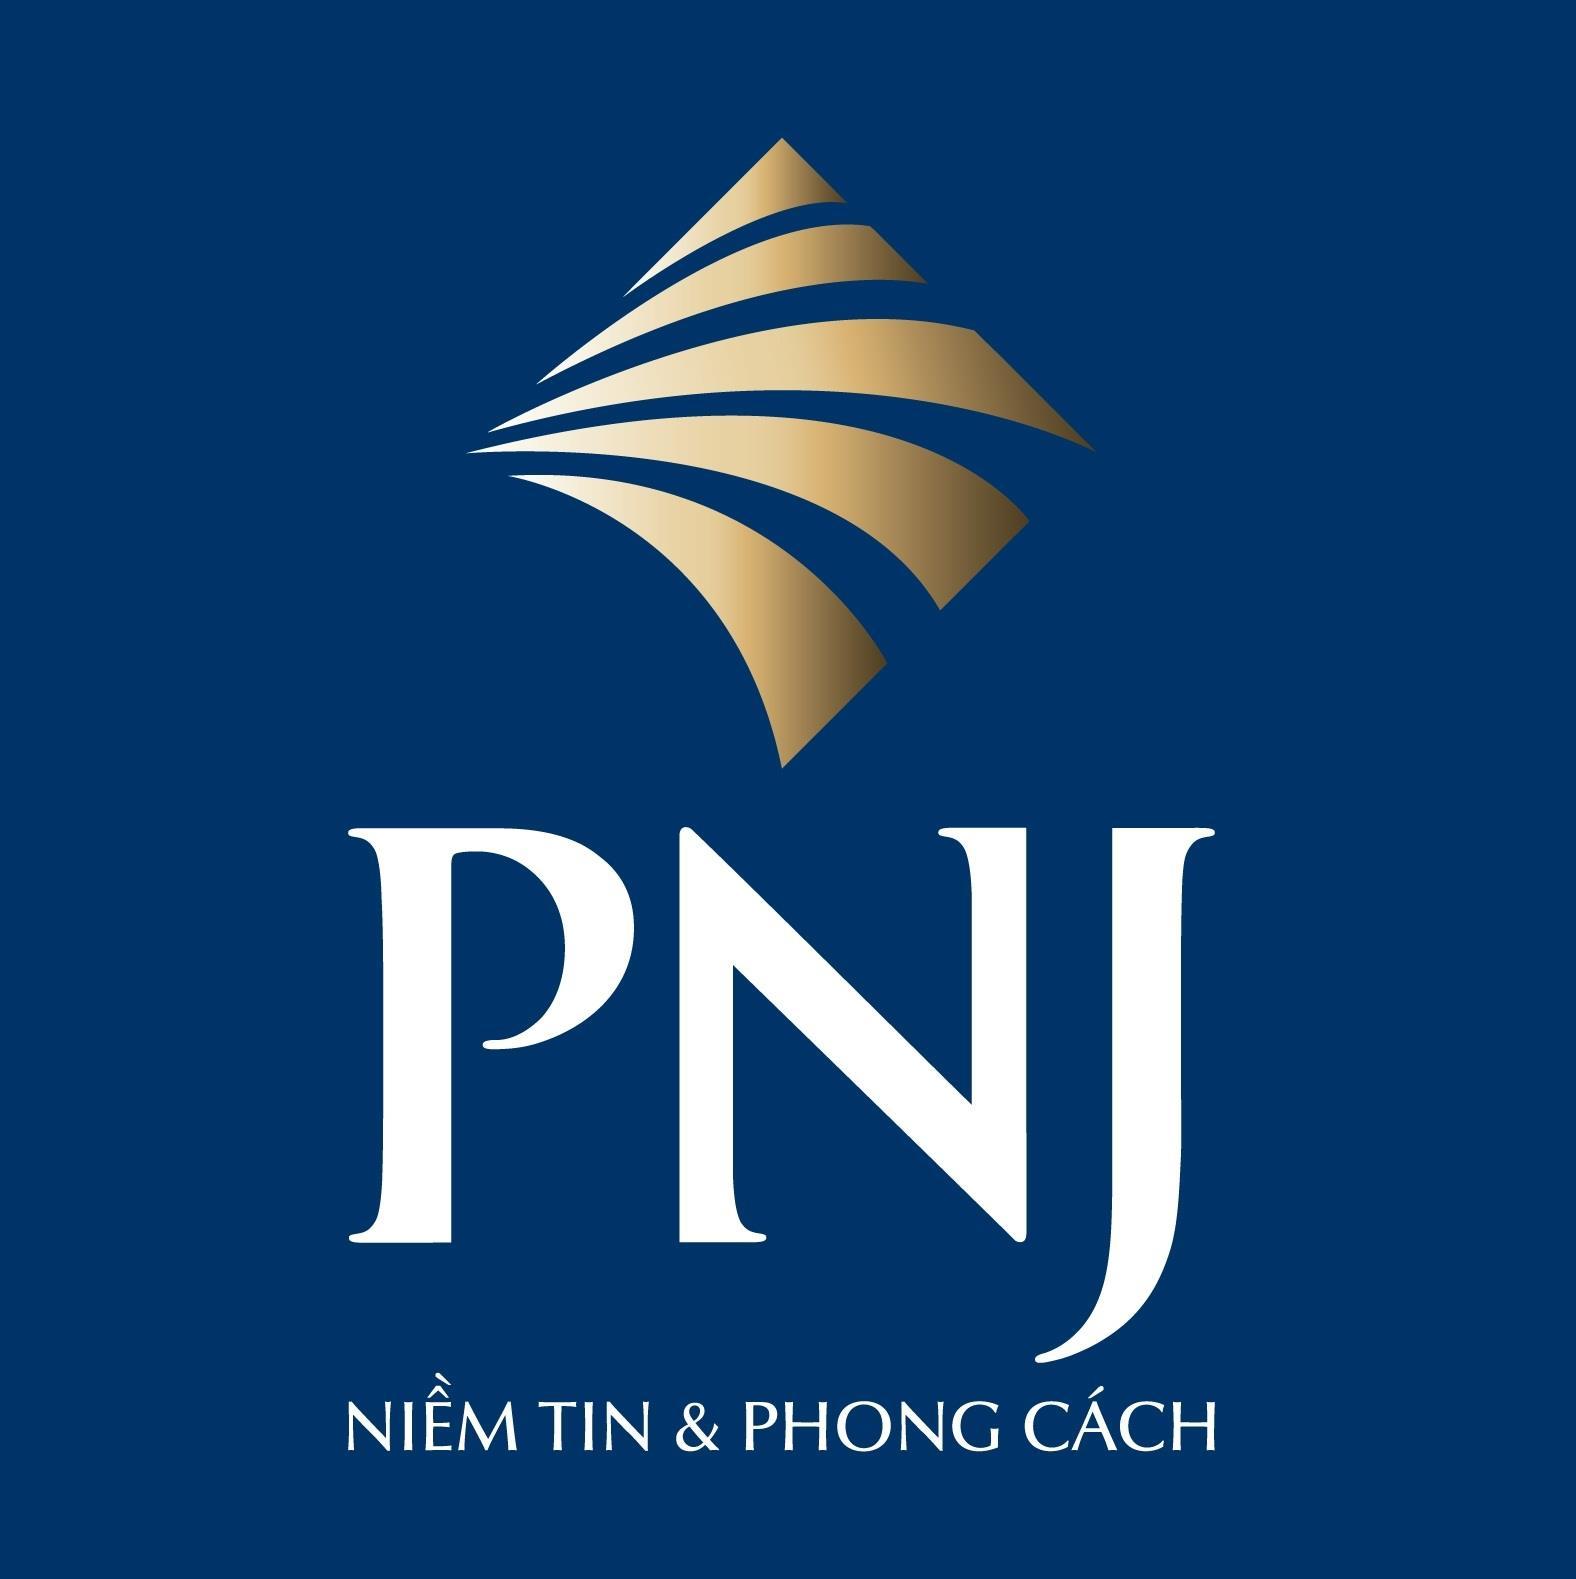 PNJ: Thông báo thay đổi số lượng cổ phiếu có quyền biểu quyết đang lưu hành